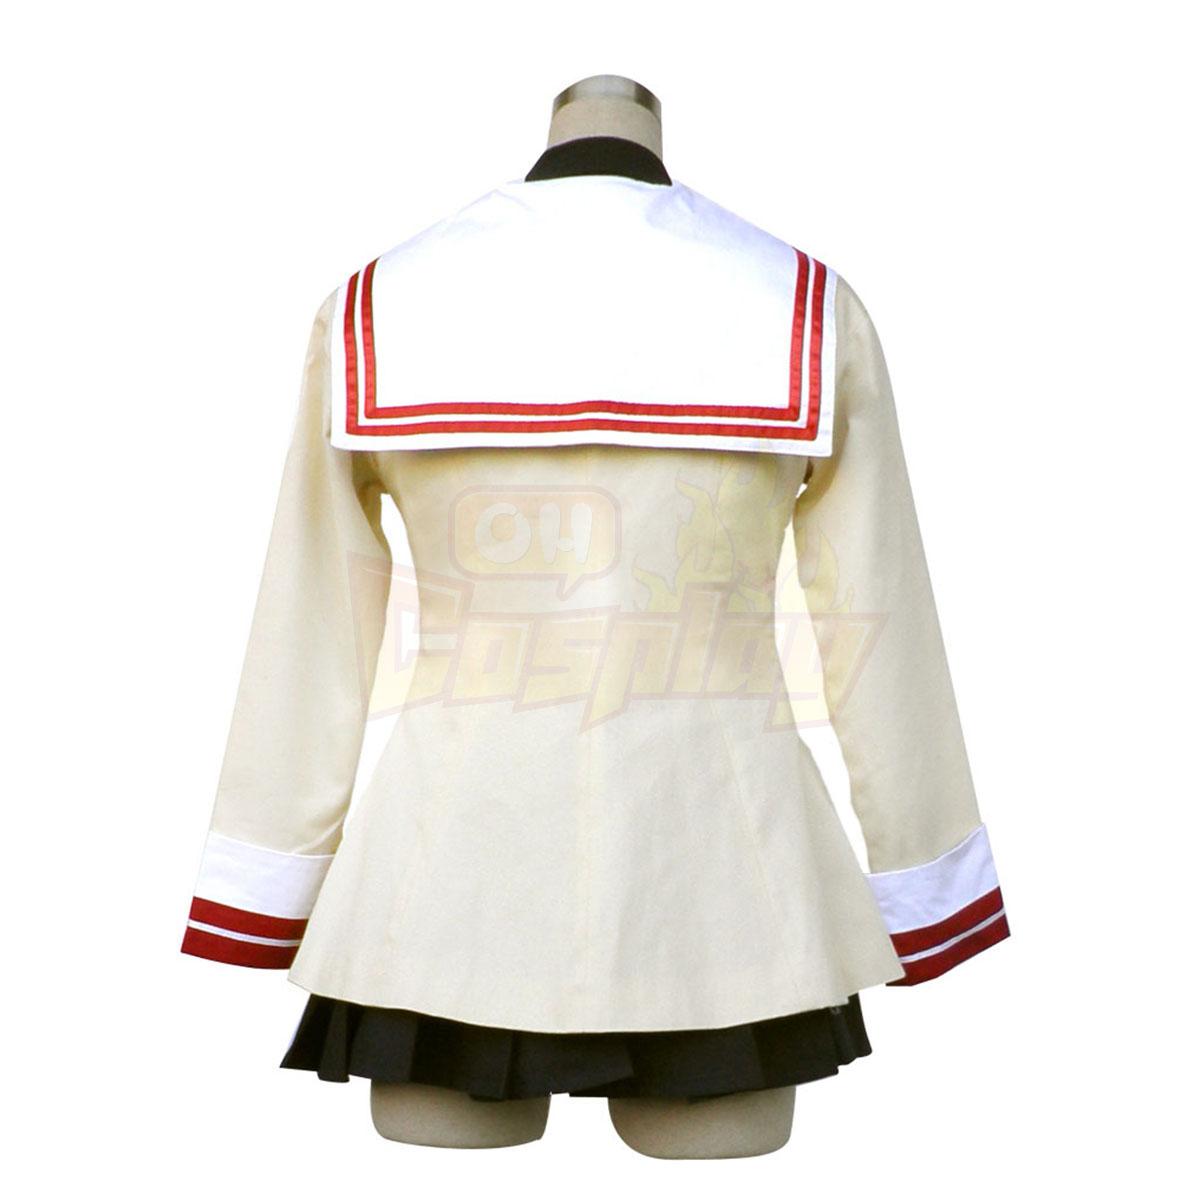 ديلوكس CLANNAD تومويو Sakagami مدرسة ثانوية أنثى الشتاء الموحدة الأحمر شارة ازياء